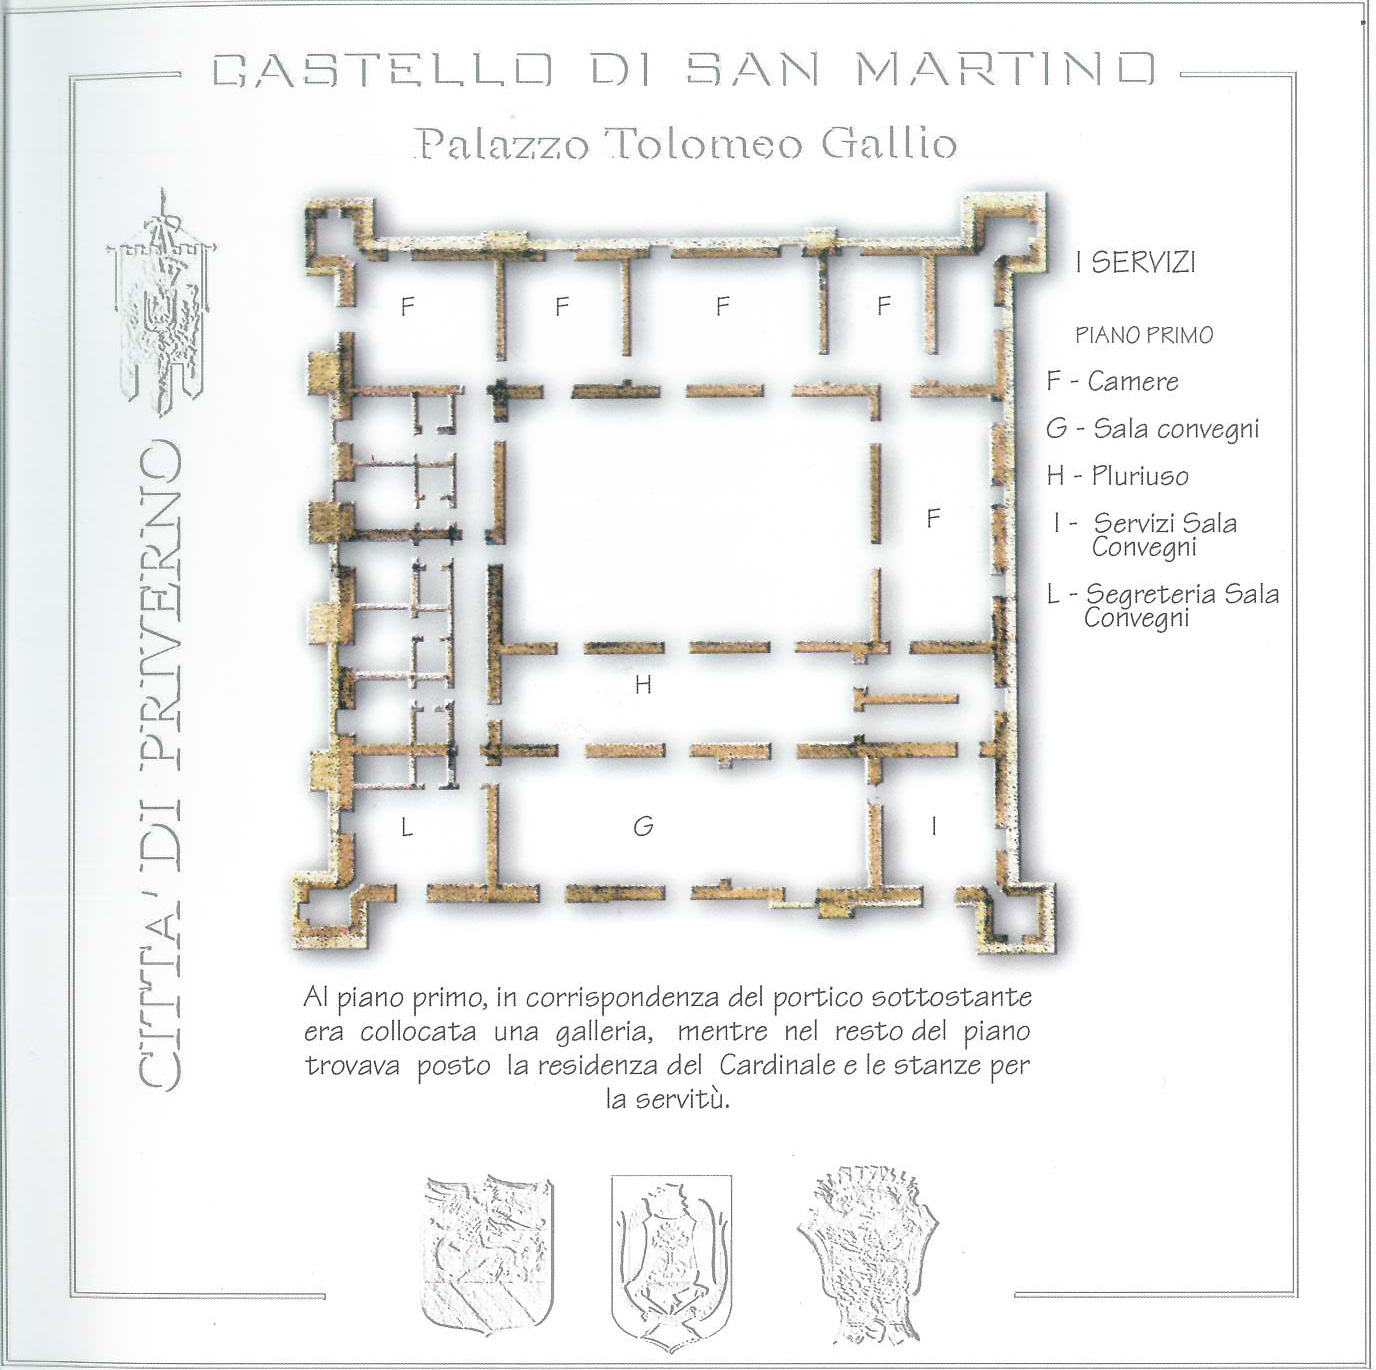 foto-castello-di-san-martino-primo-piano